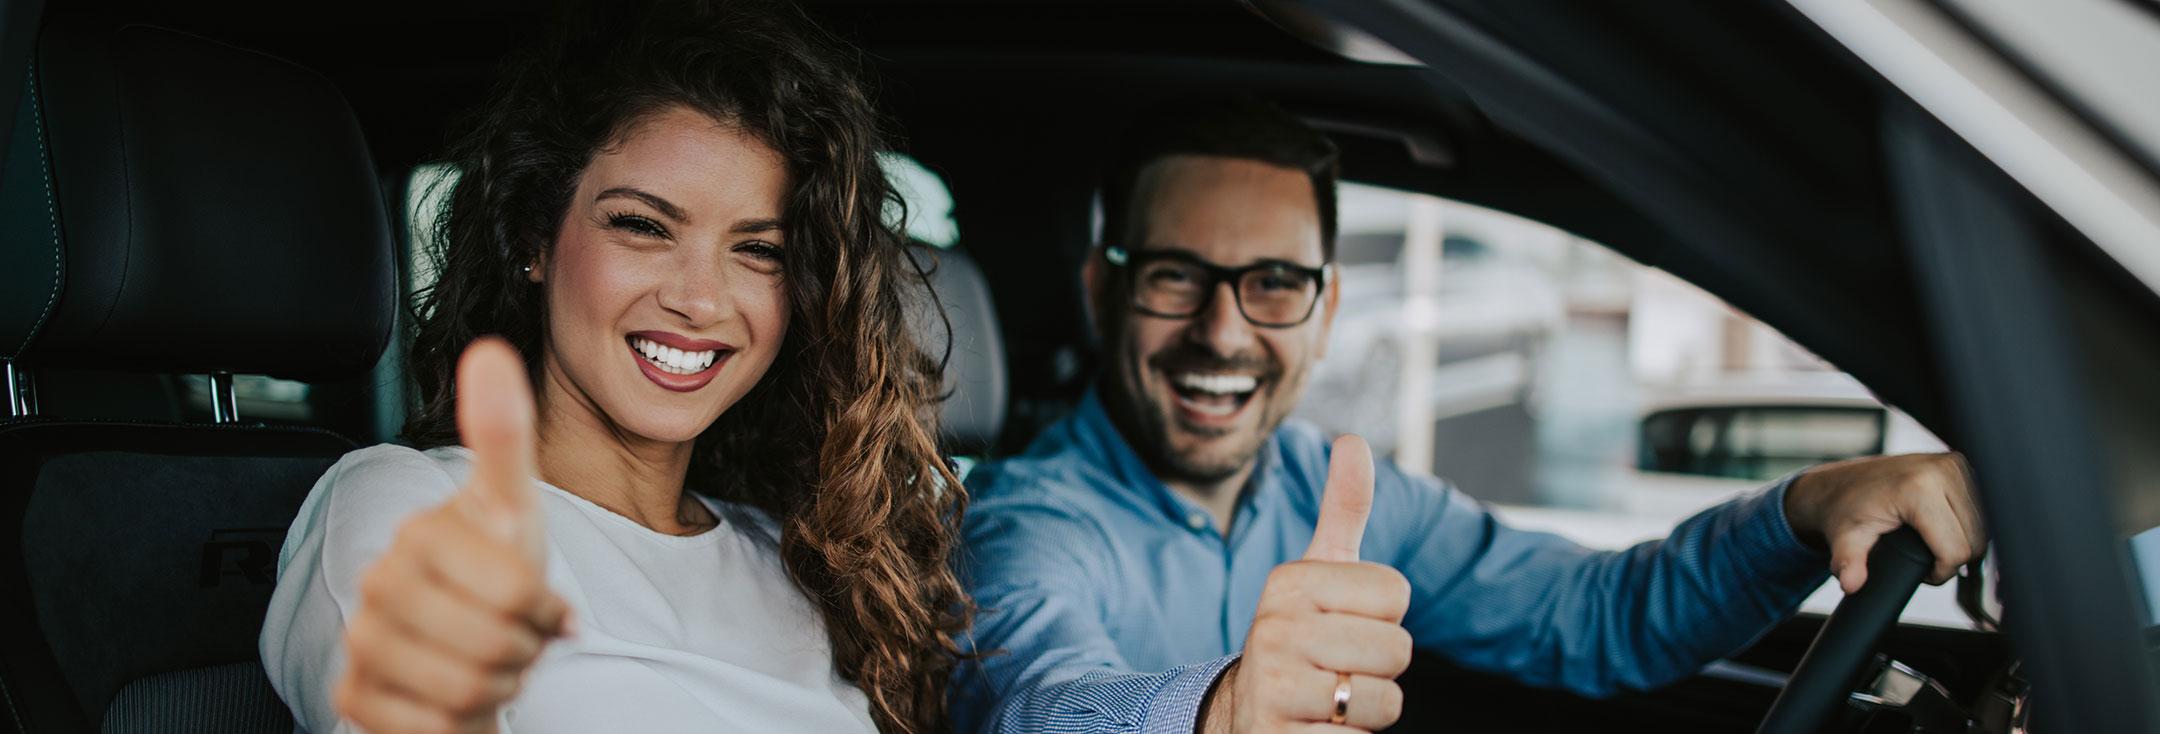 Bonus-malus : bien conduire pour payer moins